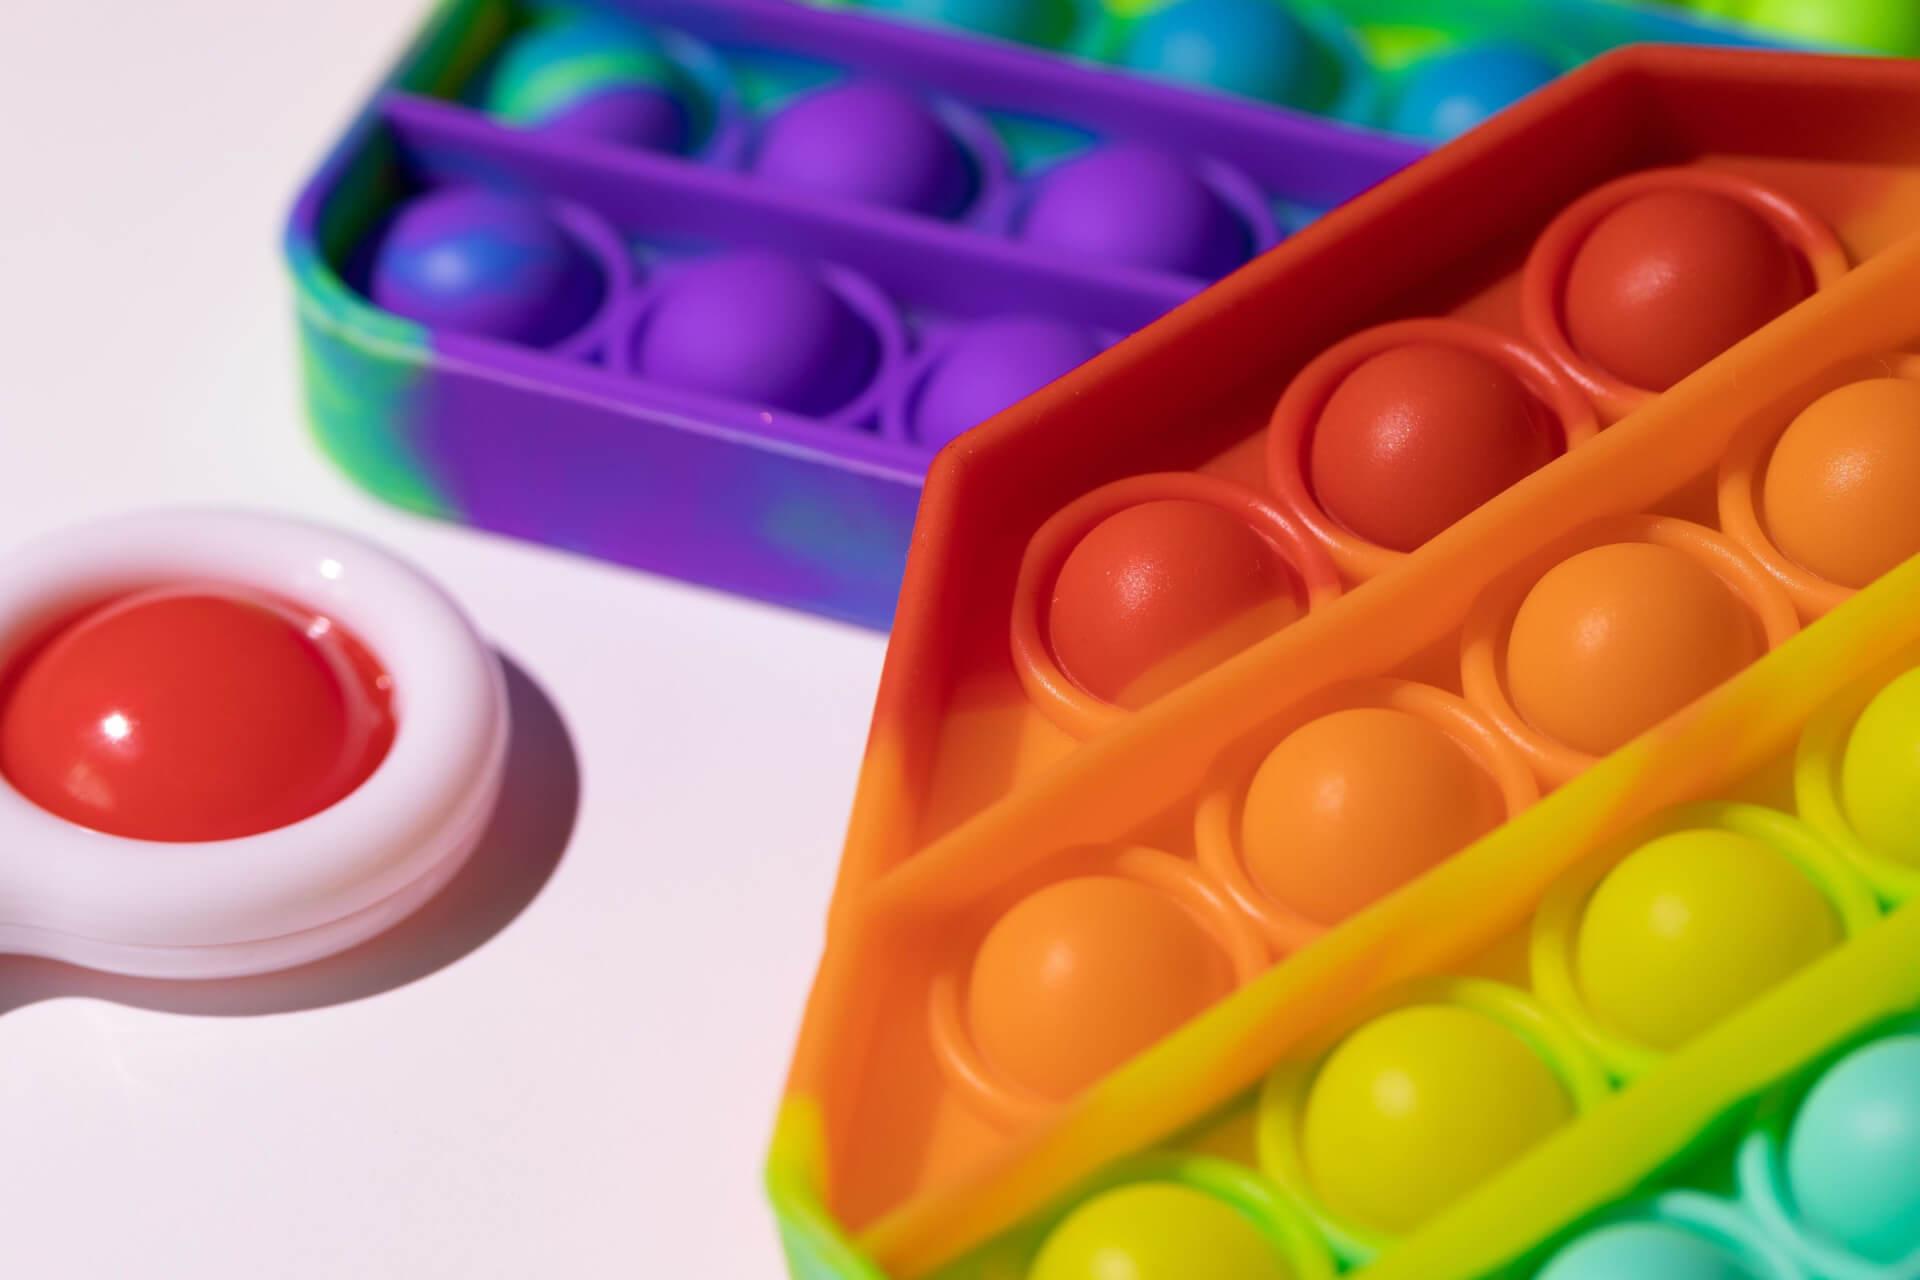 Новый тренд в категории антистресс-игрушек: поп-ит и симпл-димпл